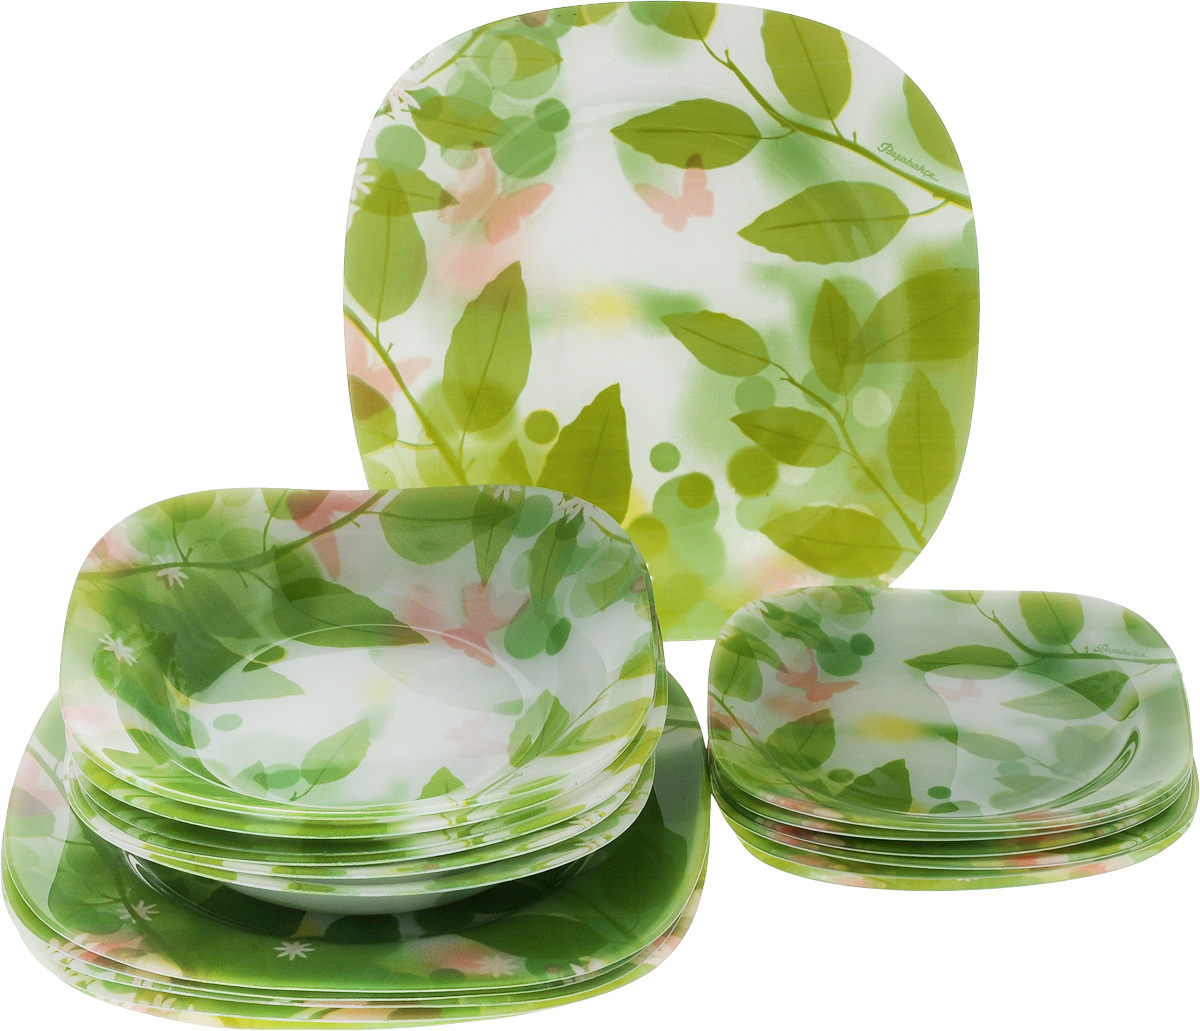 Набор тарелок Pasabahce Butterflies, 18 шт96464BНабор Pasabahce Butterflies состоит из 6 десертных тарелок, 6 глубоких тарелок и 6 обеденных тарелок, выполненных из высококачественного натрий-кальций-силикатного стекла. Изделия предназначены для красивой сервировки различных блюд. Набор сочетает в себе изысканный дизайн с максимальной функциональностью. Размер десертной тарелки: 18,5 х 18,5 см.Высота десертной тарелки: 2 см.Размер обеденной тарелки: 26 х 26 см.Высота обеденной тарелки: 2 см.Размер глубокой тарелки: 21 х 21 см.Высота глубокой тарелки: 3,5 см.